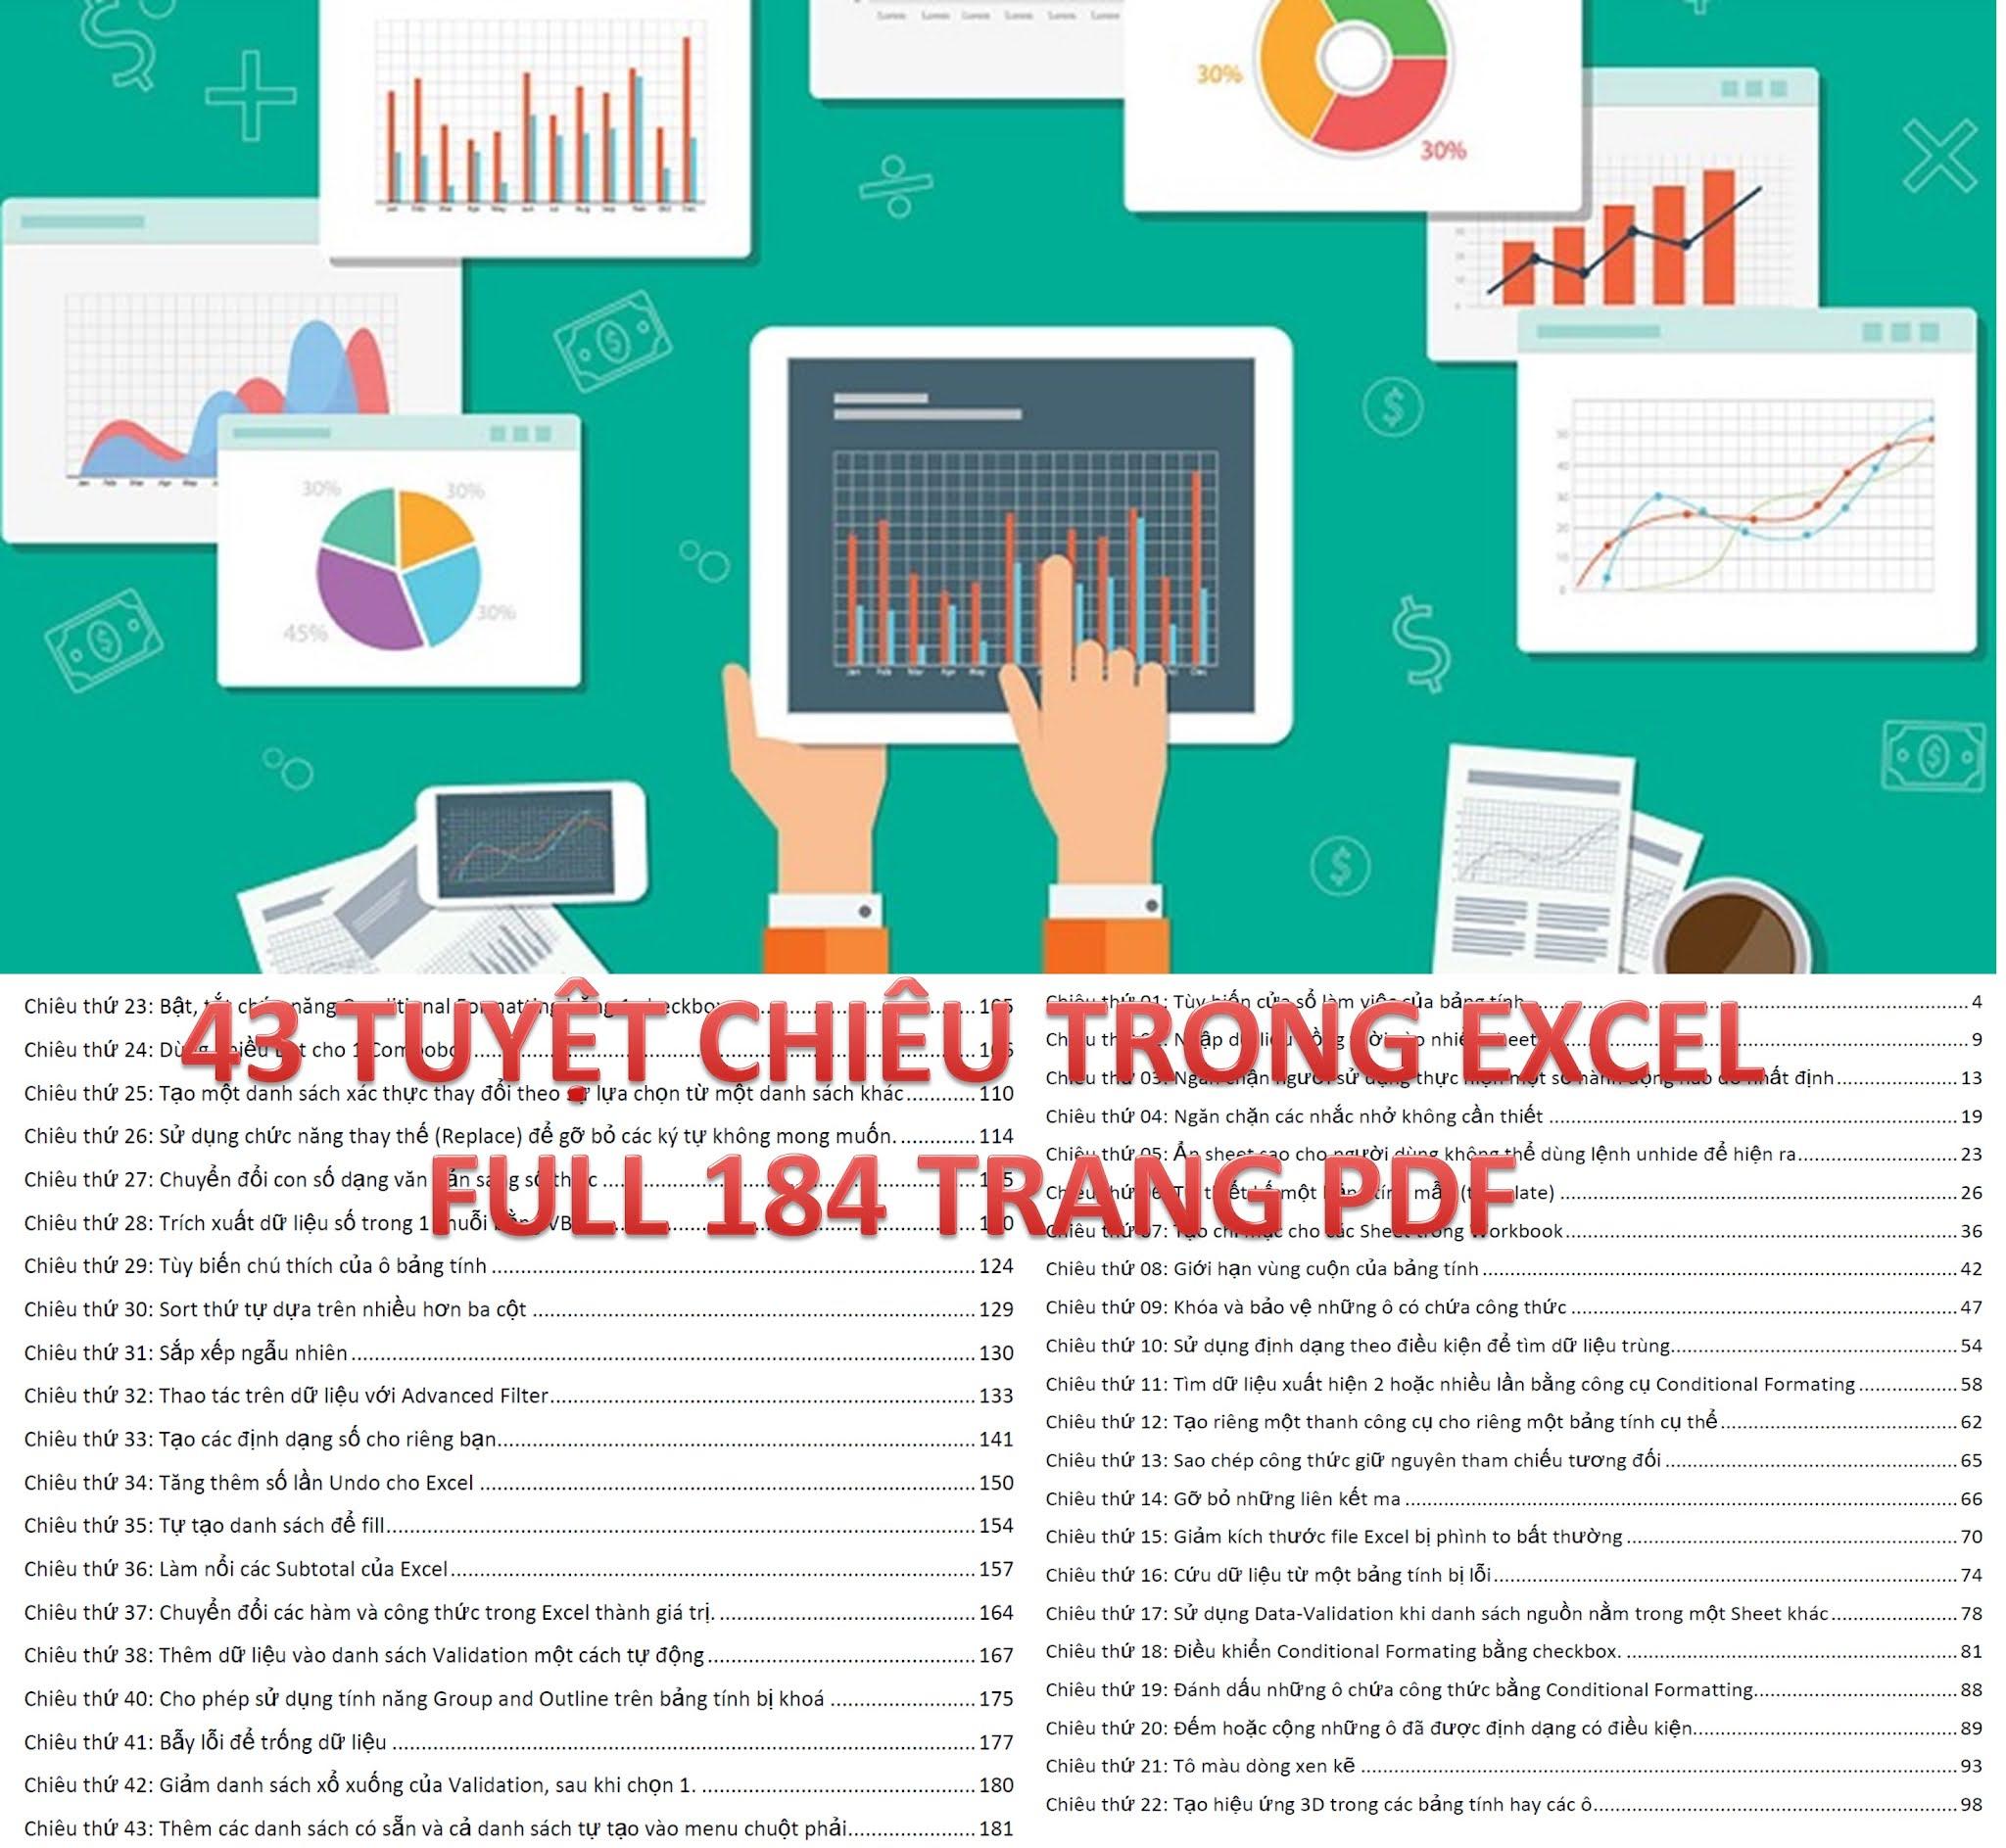 TẢI MIỄN PHÍ EBOOK 43 TUYỆT CHIÊU TRONG EXCEL 2021